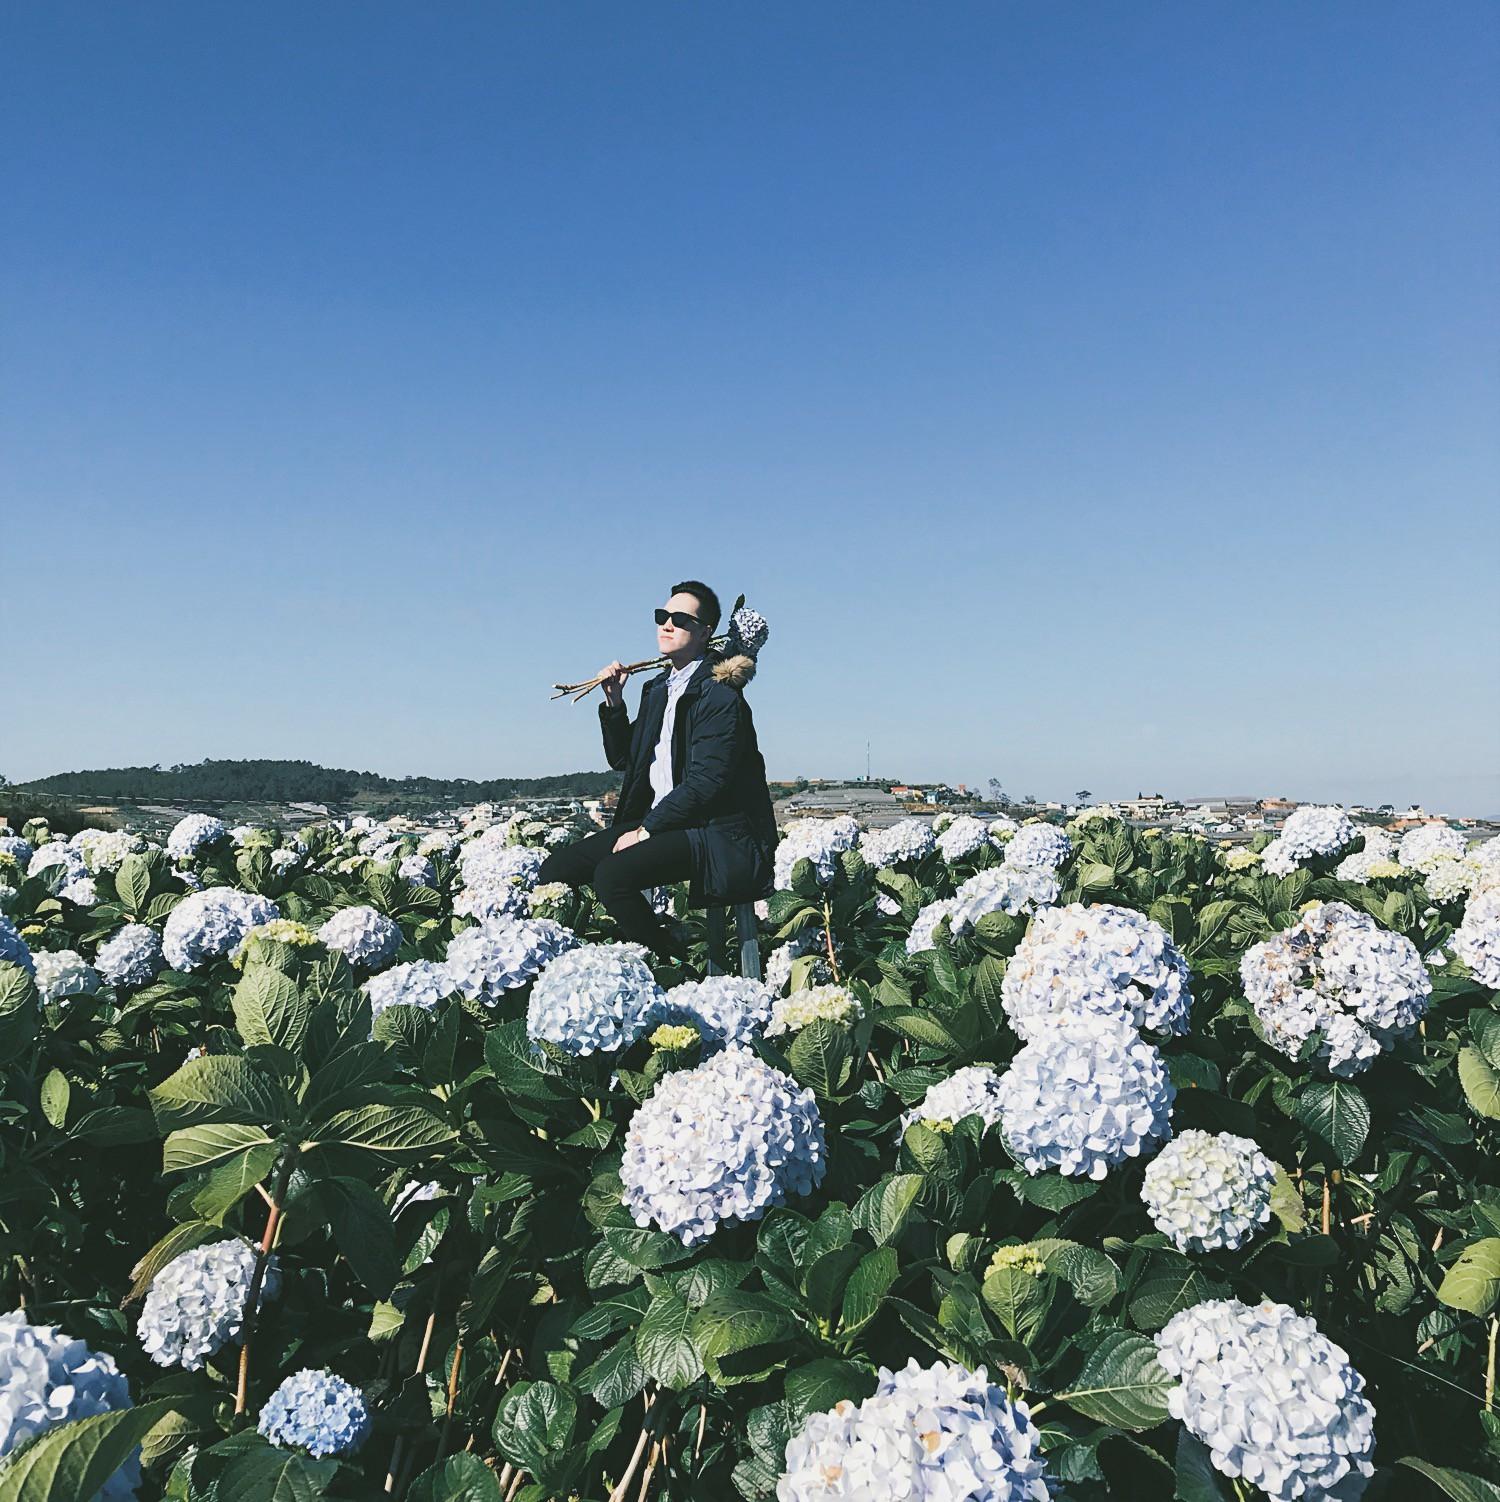 Tuyệt Tình Cốc, Hoa Điền Sơn Trang - thêm những địa điểm để lên Đà Lạt mãi cũng chả thấy chán - Ảnh 5.